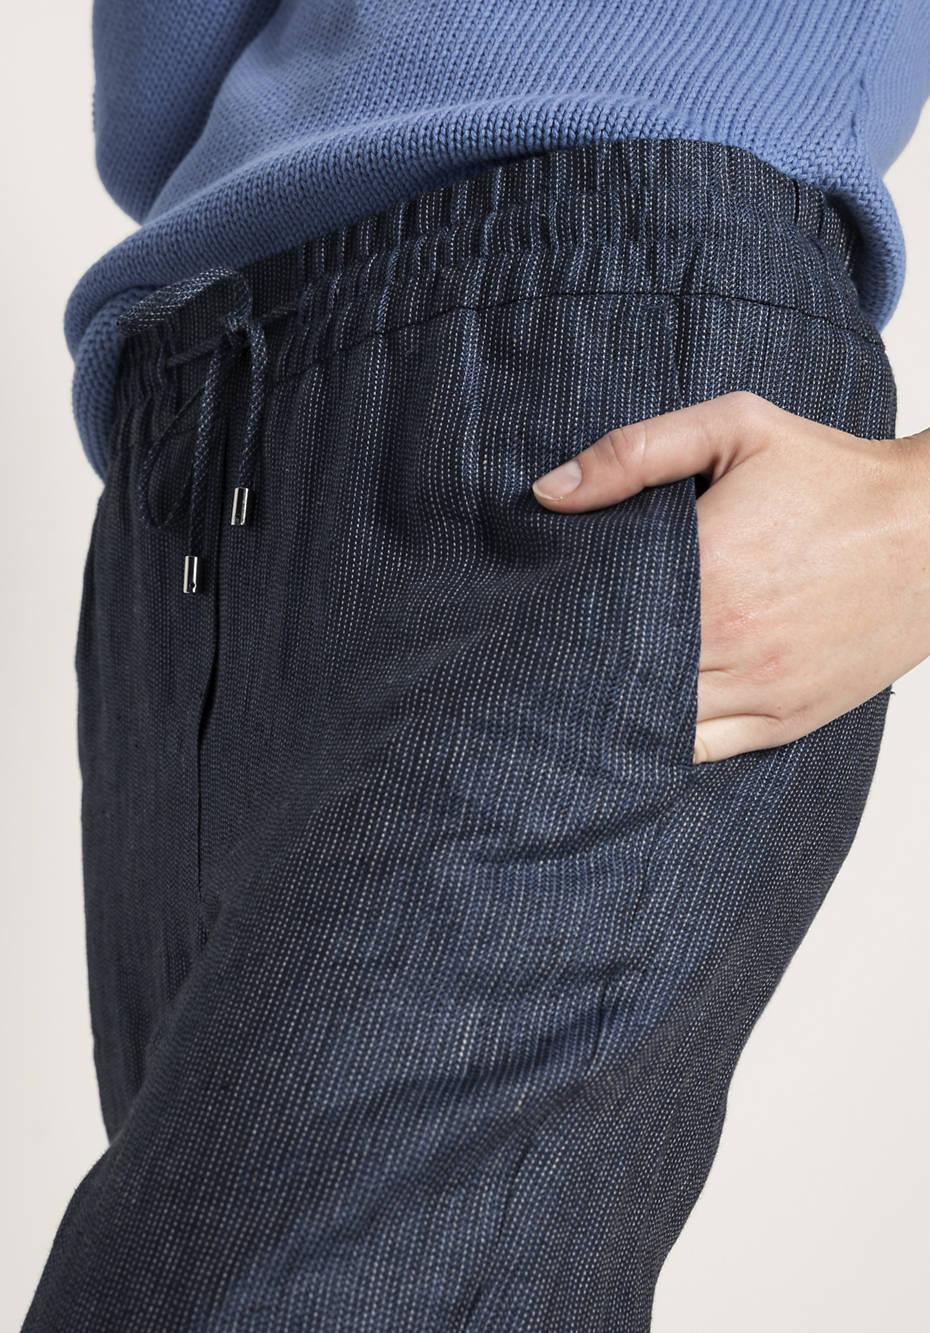 Hose aus reinem Hessen-Leinen